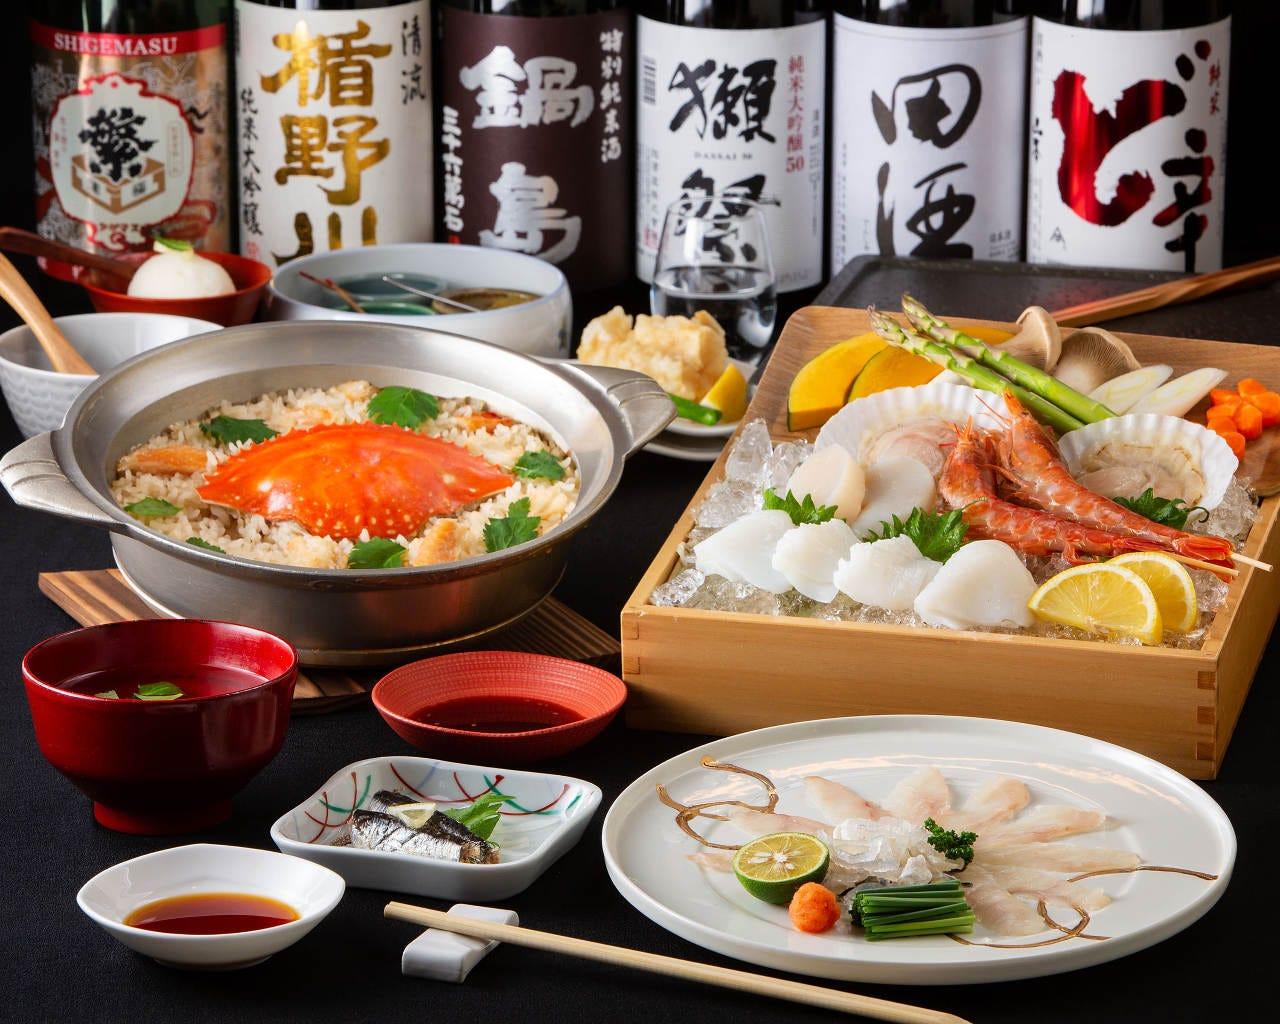 【蟹めし】2H飲み放題付!トラフグ刺 海鮮焼など全8品 6,050円コース